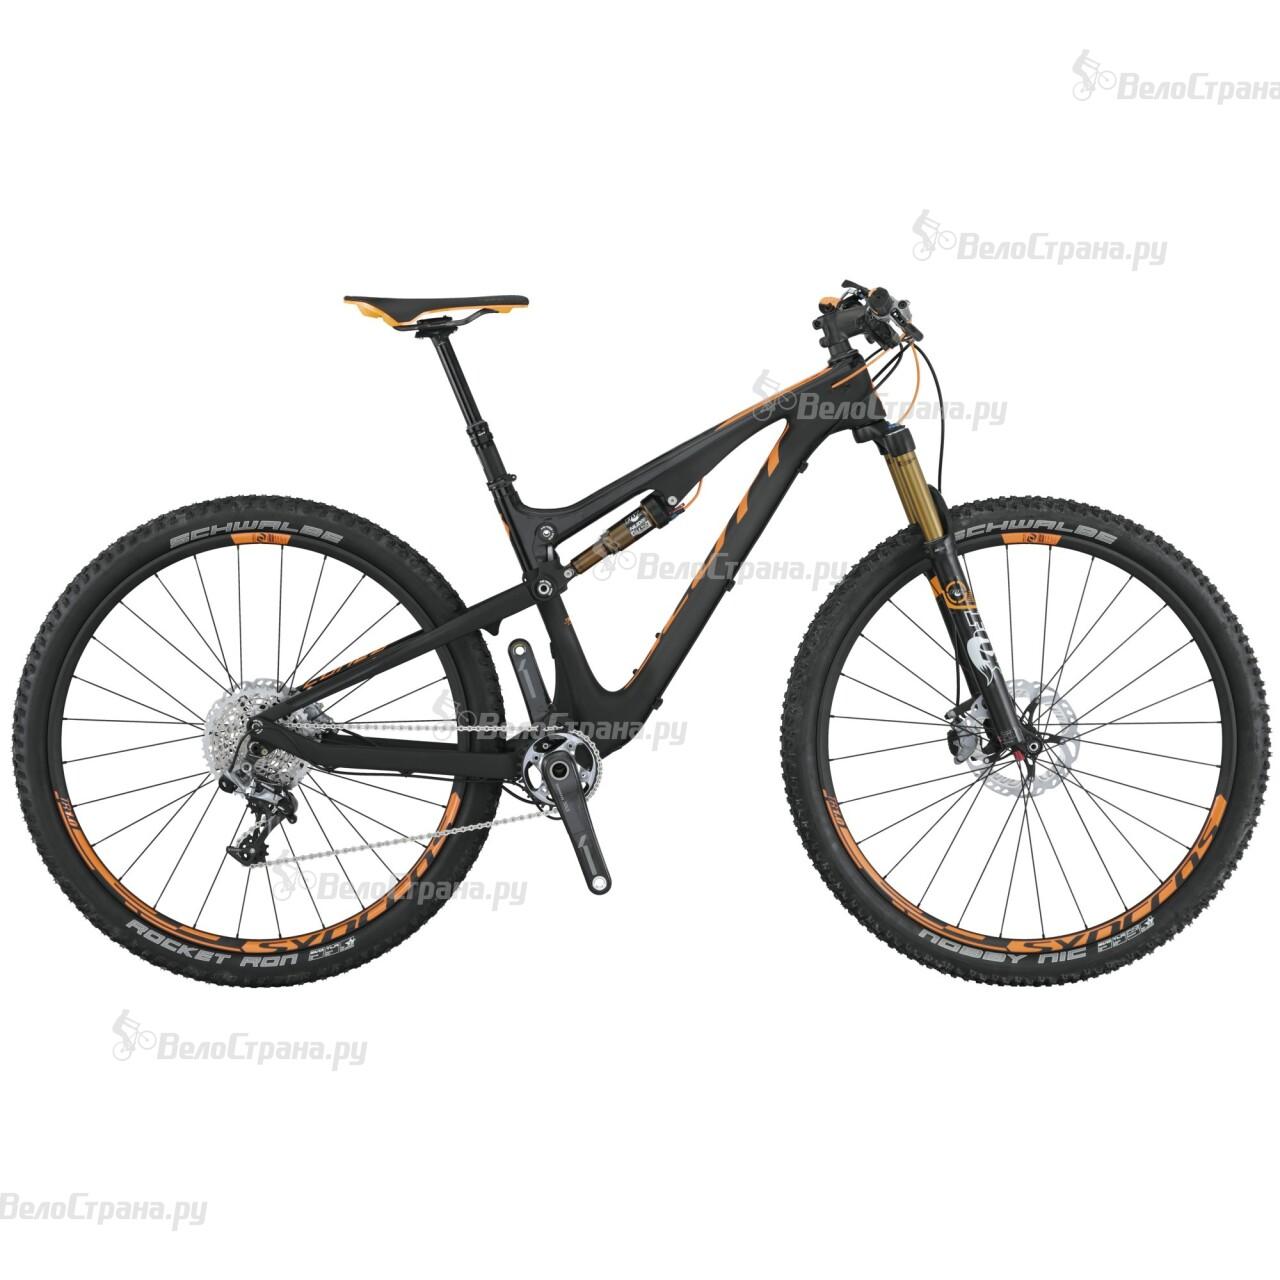 Велосипед Scott Genius 900 Tuned (2015) genius hs 300a silver